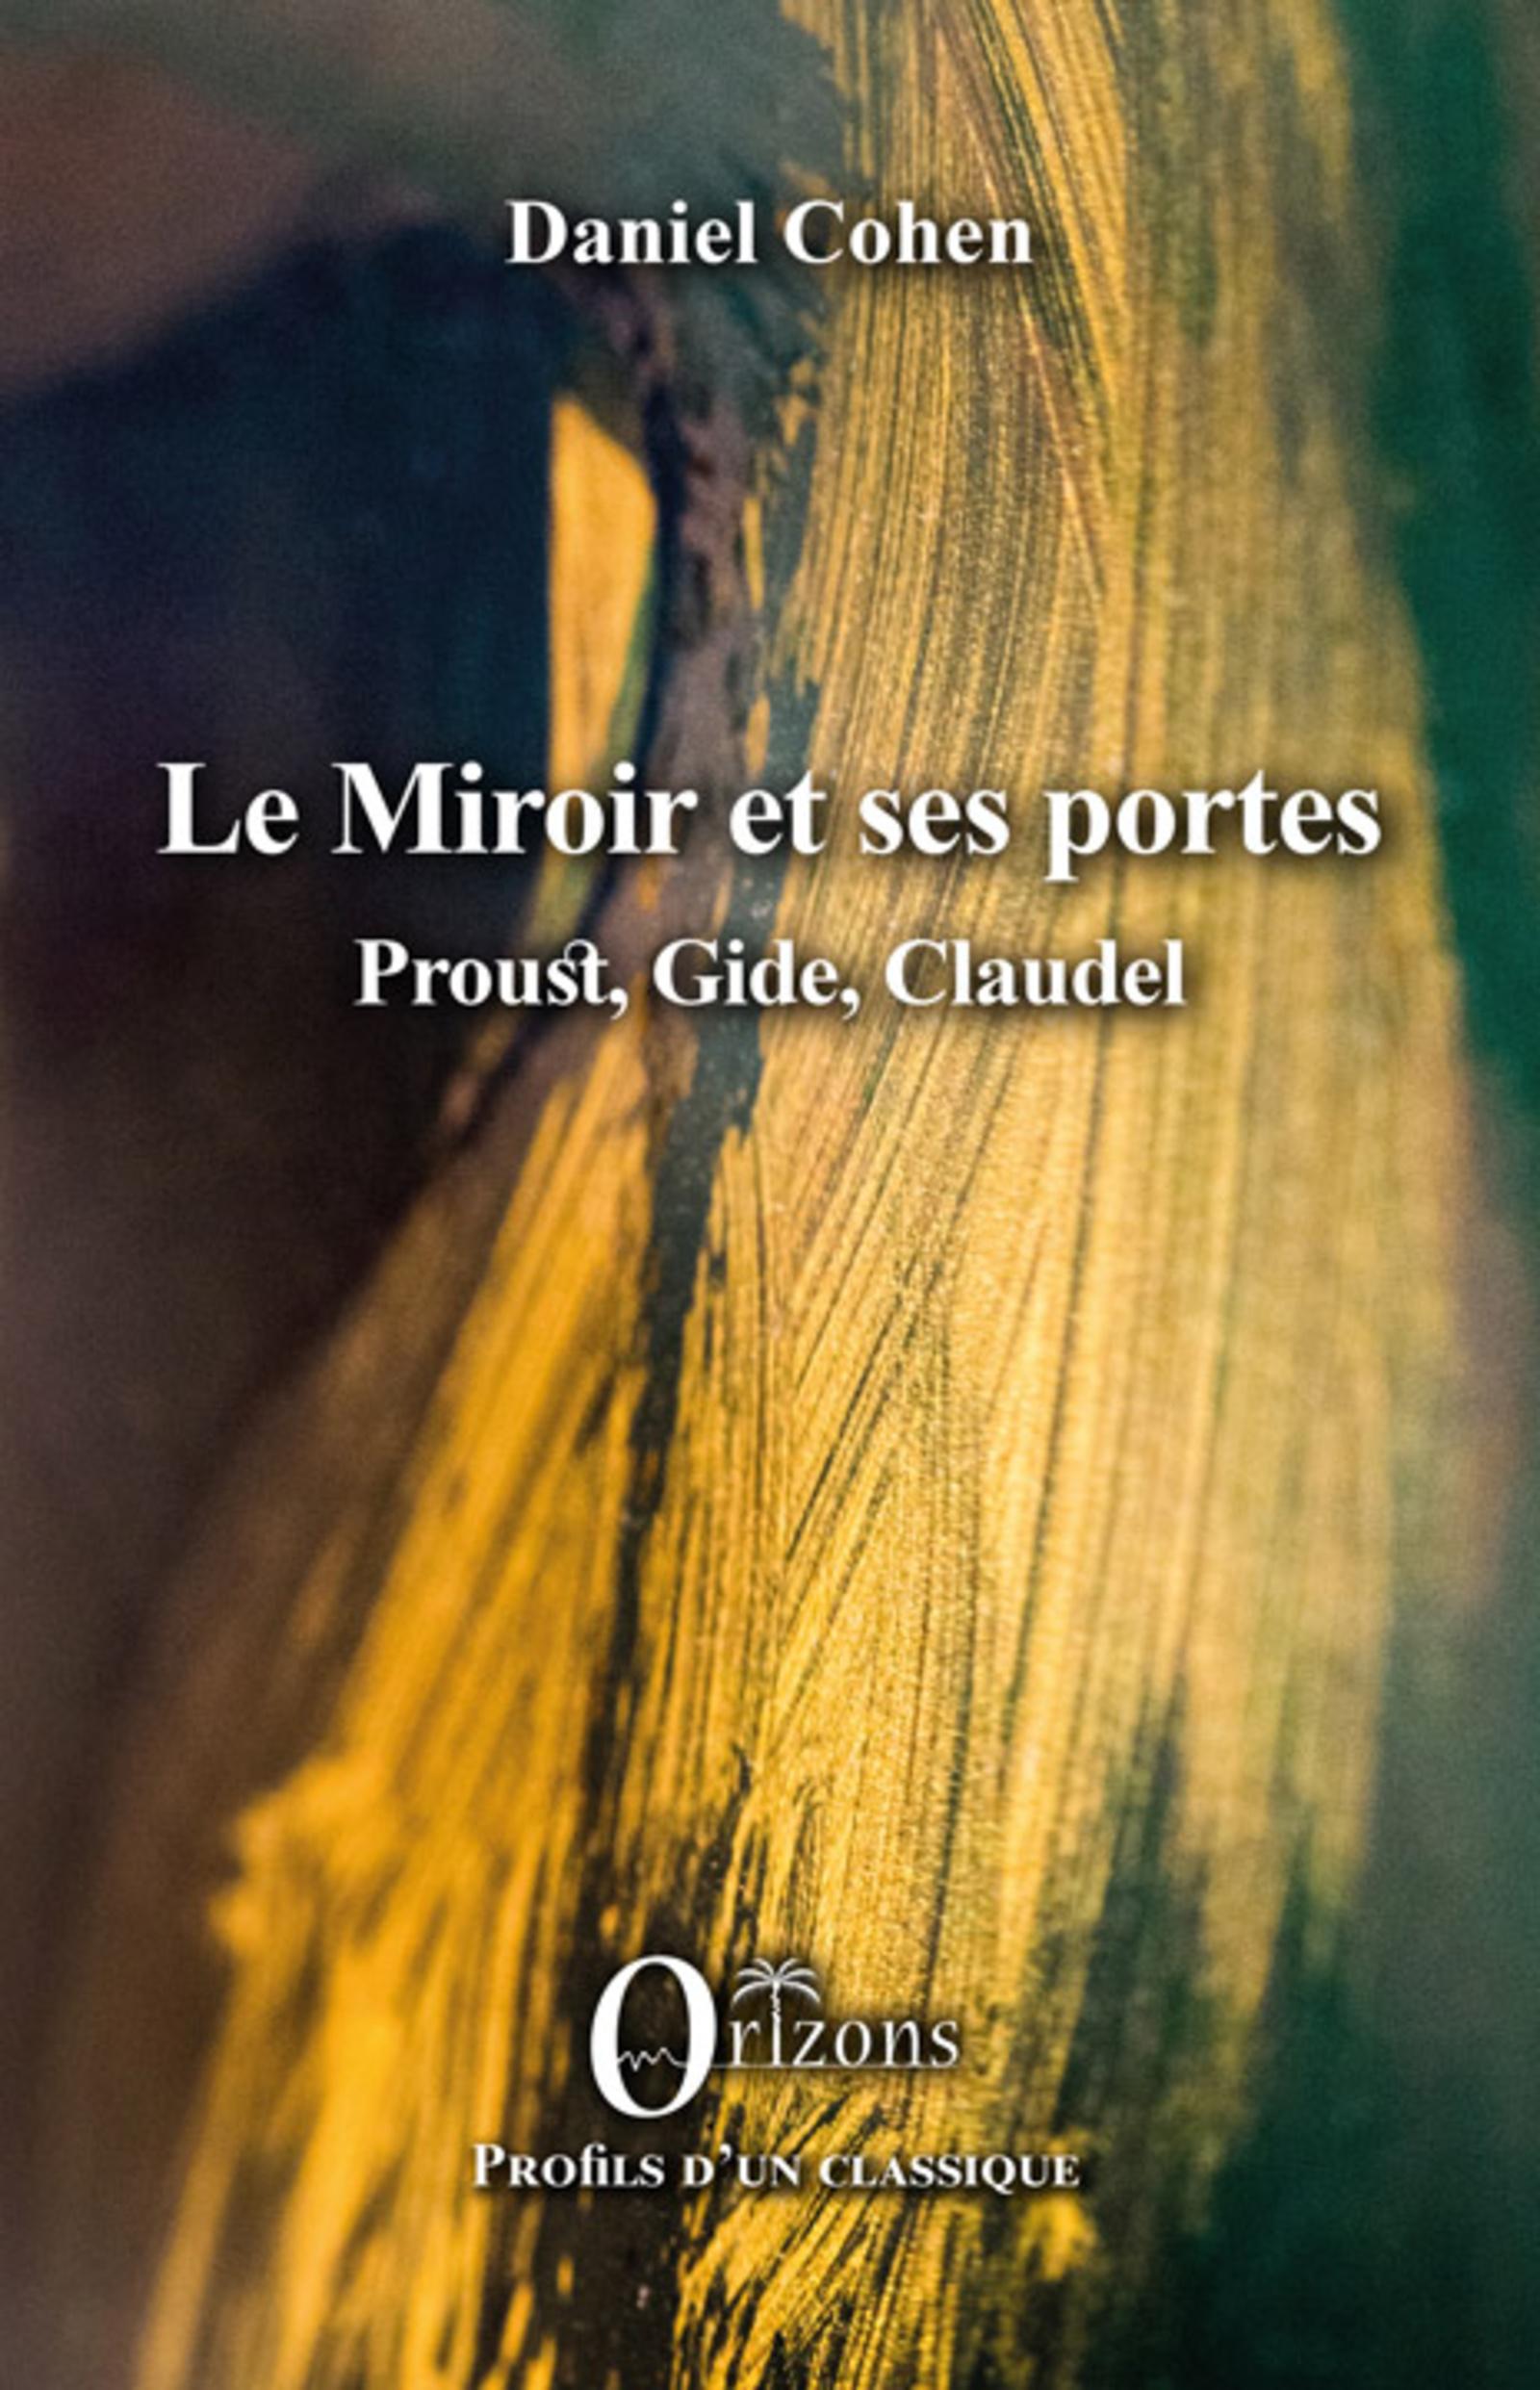 Le Miroir et ses